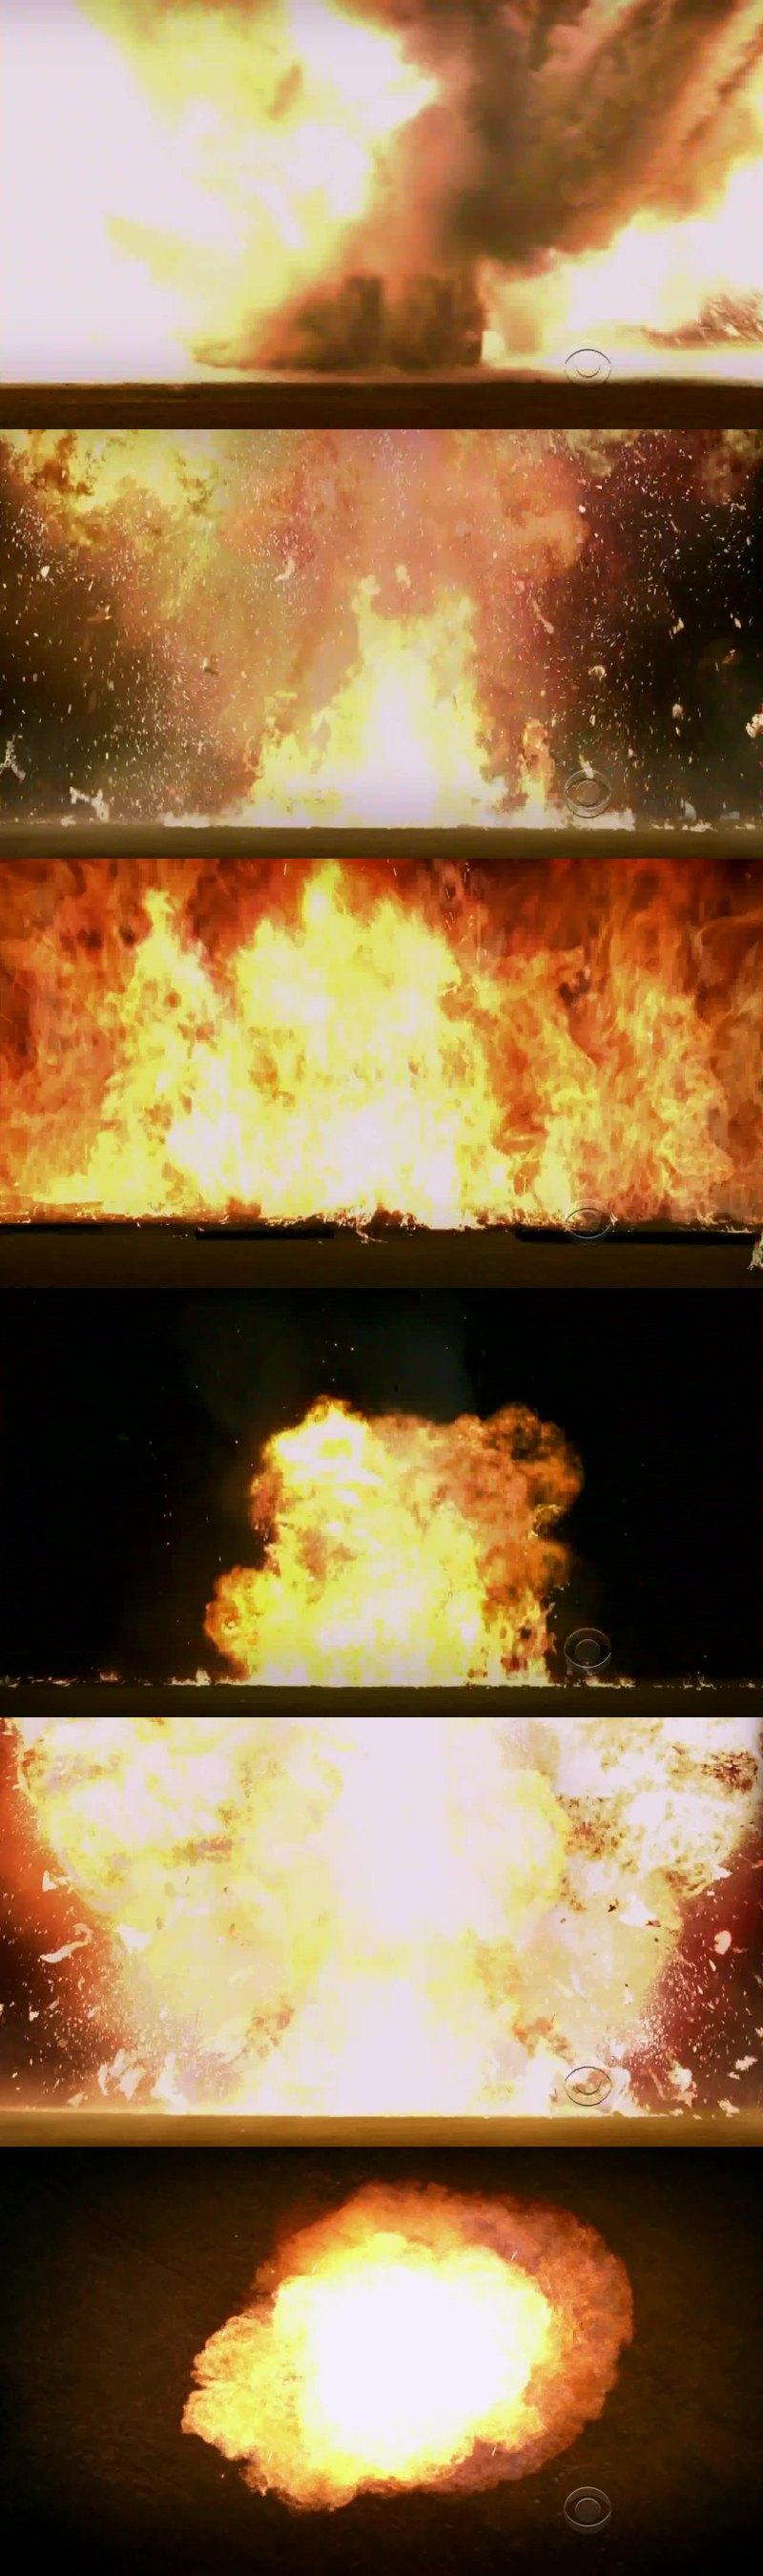 wow che puntata, morgan è coraggiosissimo e la squadra è composta da veri e propri EROI... 💪❤ e vogliamo parlare dell ultima esplosione? fatta alla perfezione!  ma solo a me manca da morire  Gideon? 😢😢😢😢